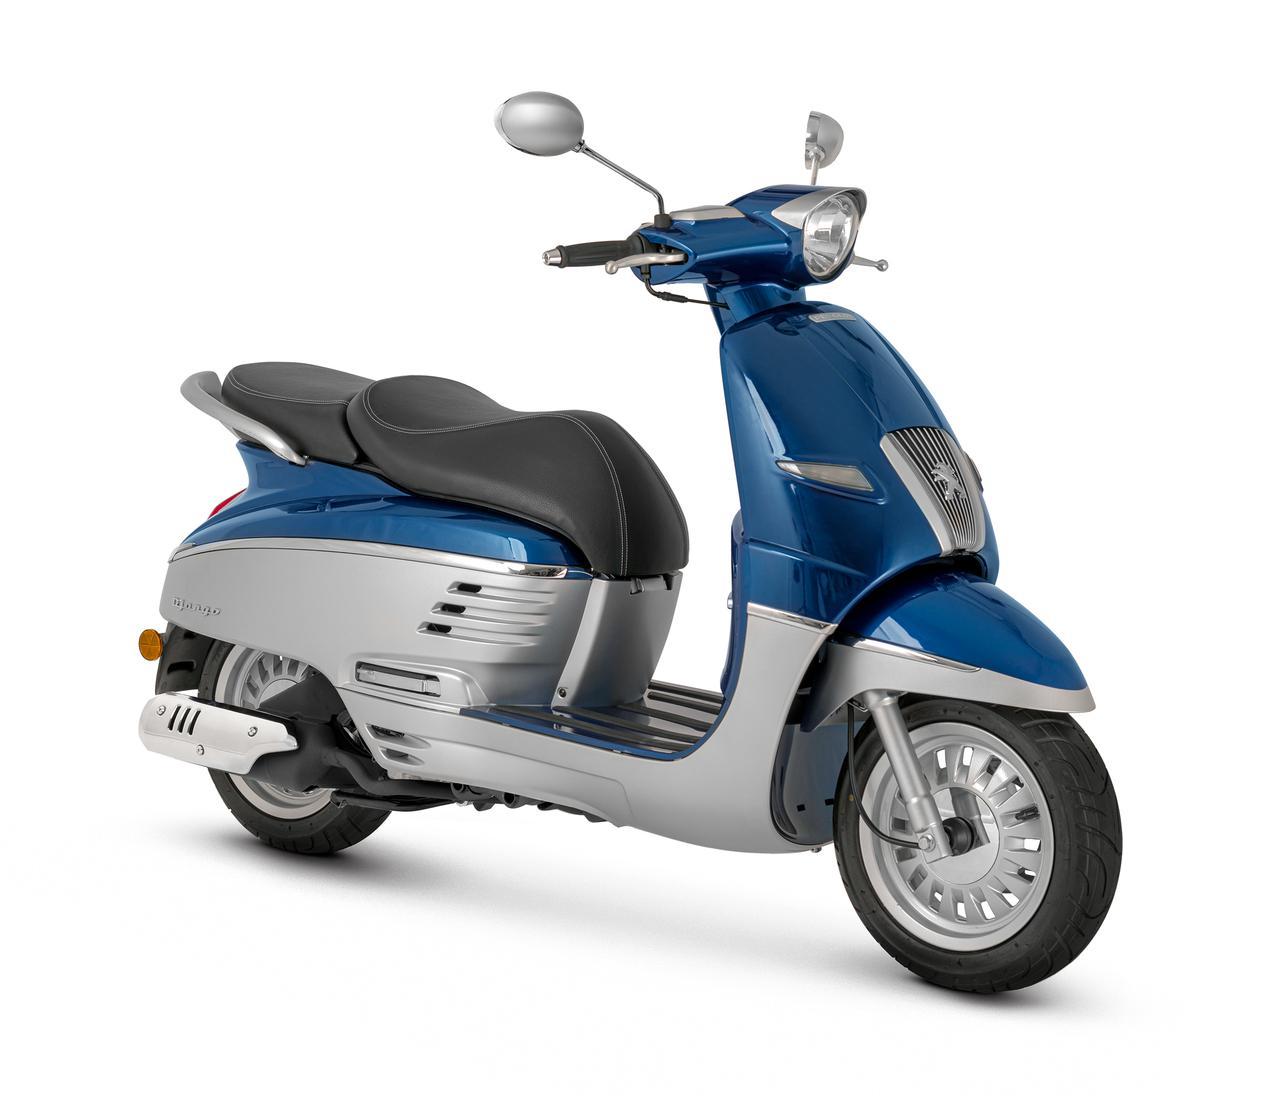 Images : 6番目の画像 - ジャンゴシリーズ2020年モデルの写真 - webオートバイ